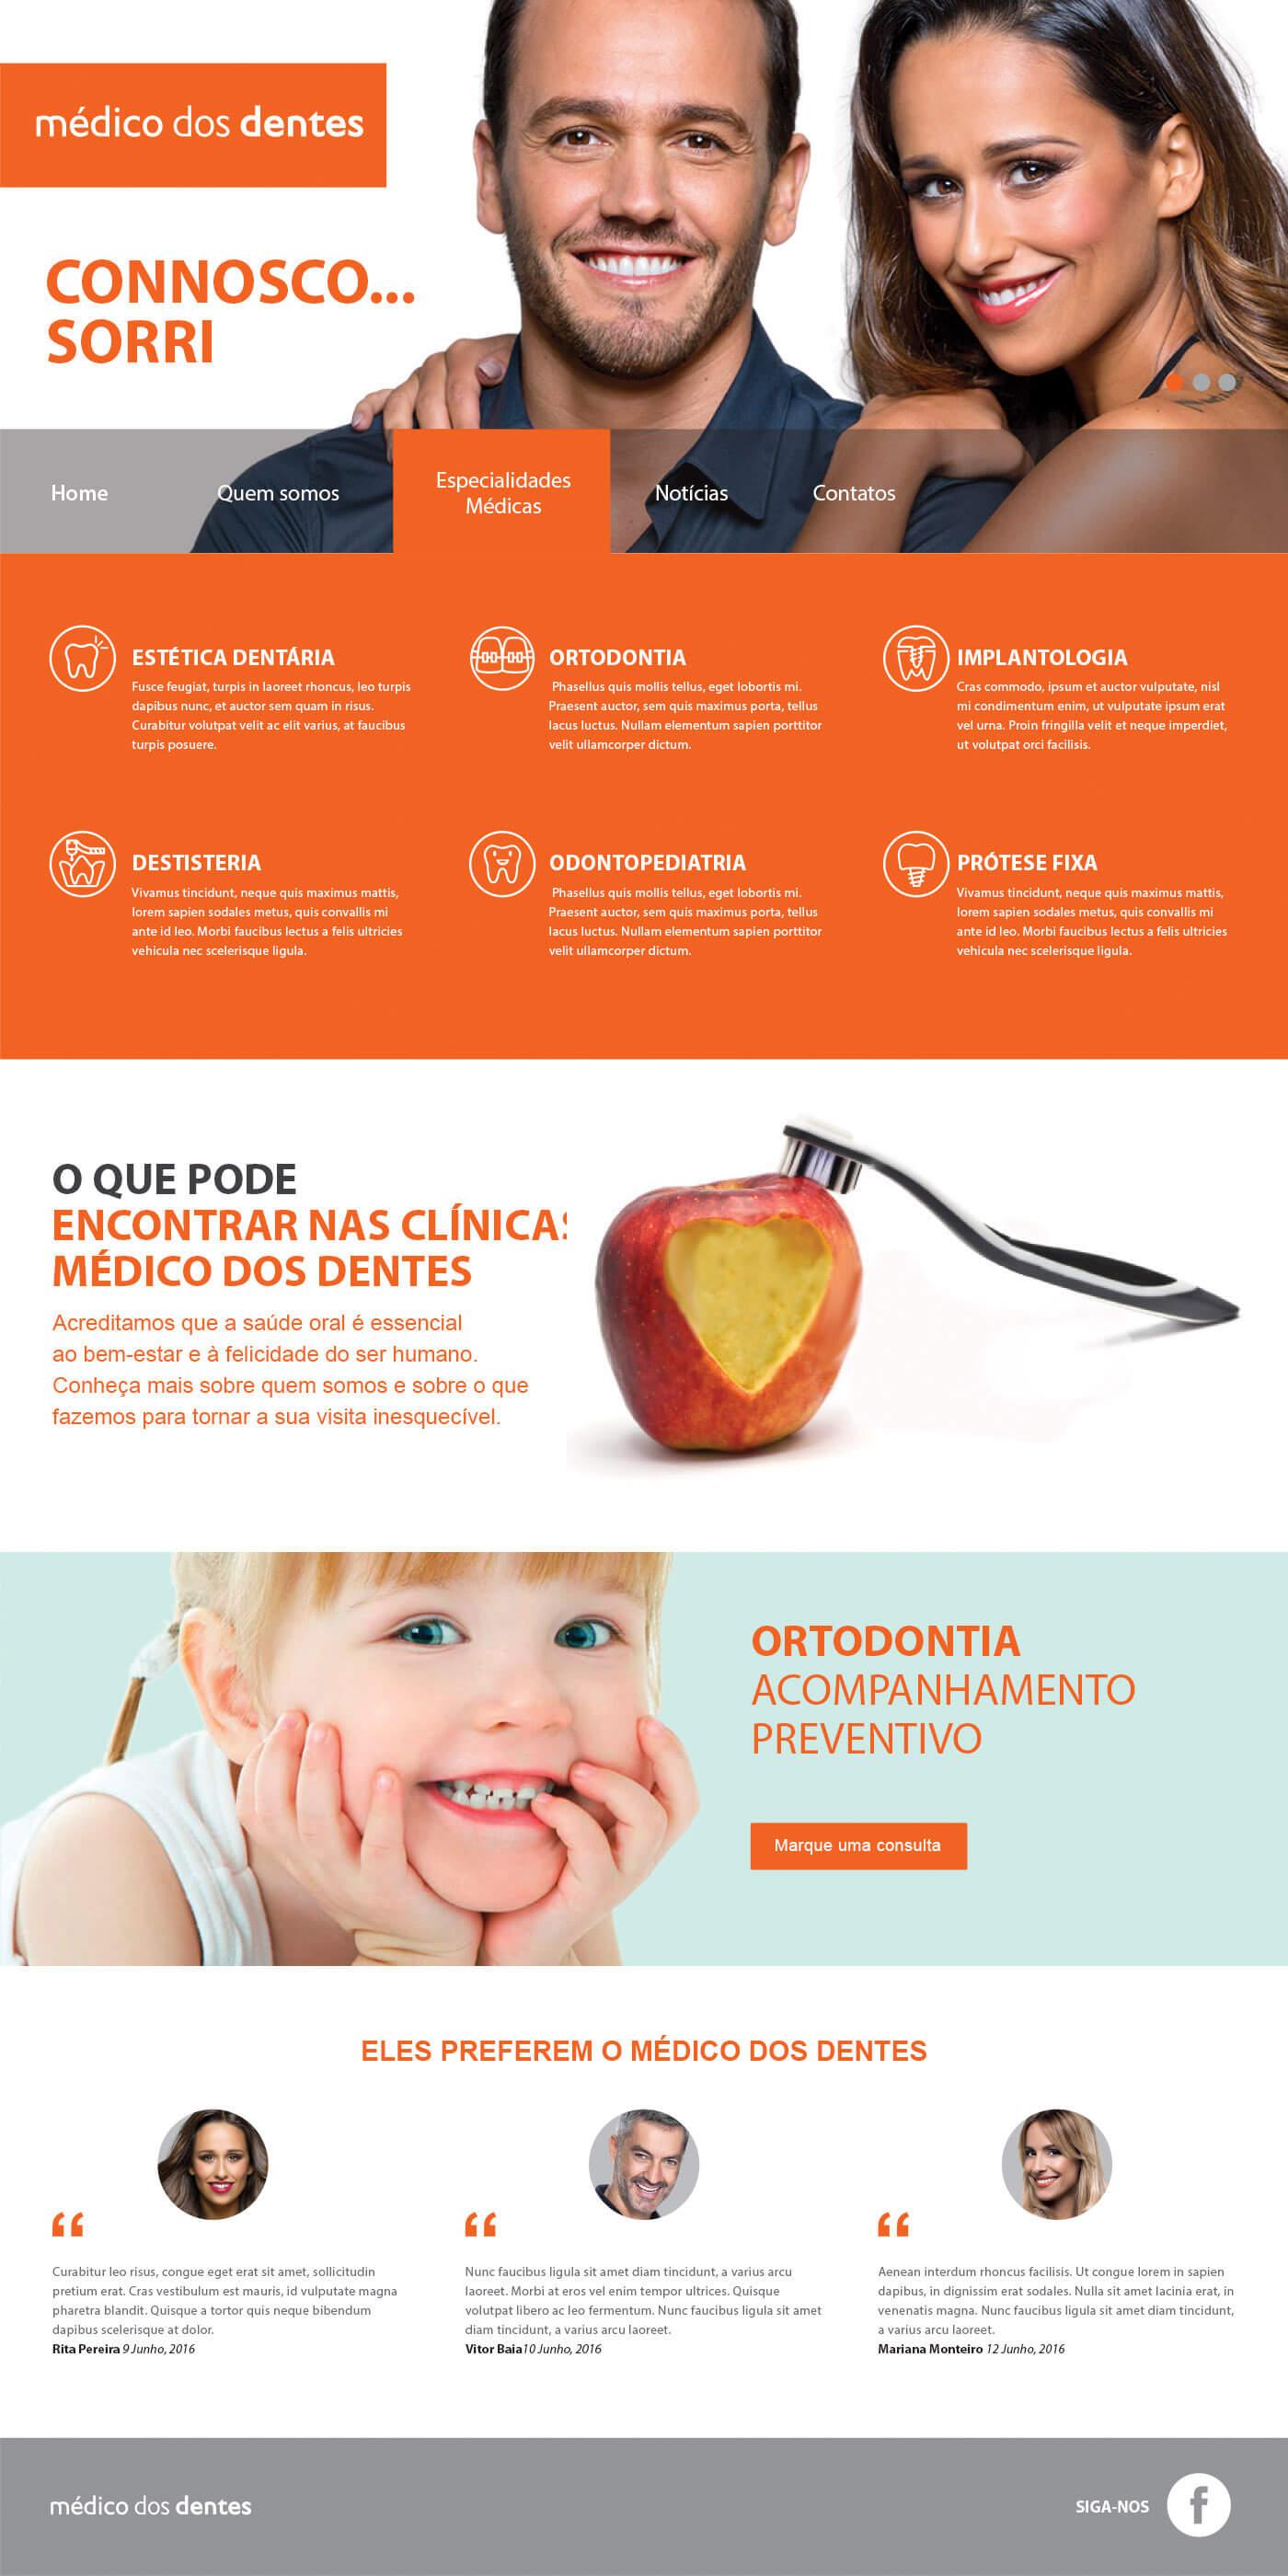 Médico dos Dentes - Especialidades | Luis Serra Freelancer